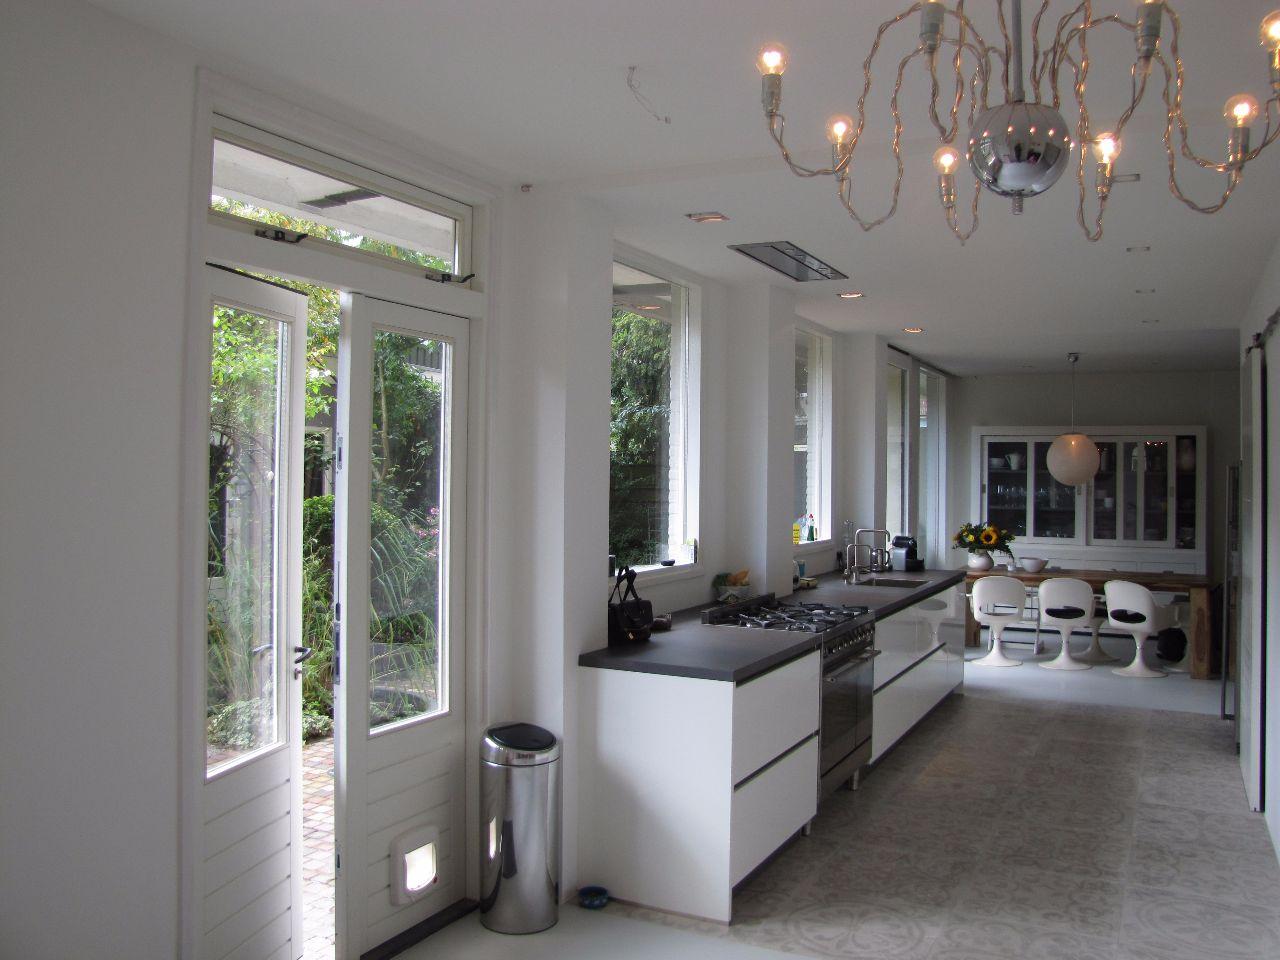 Doors Uitbouw Keuken : Moderne uitbouw benedenwoning utrecht richèl lubbers architect